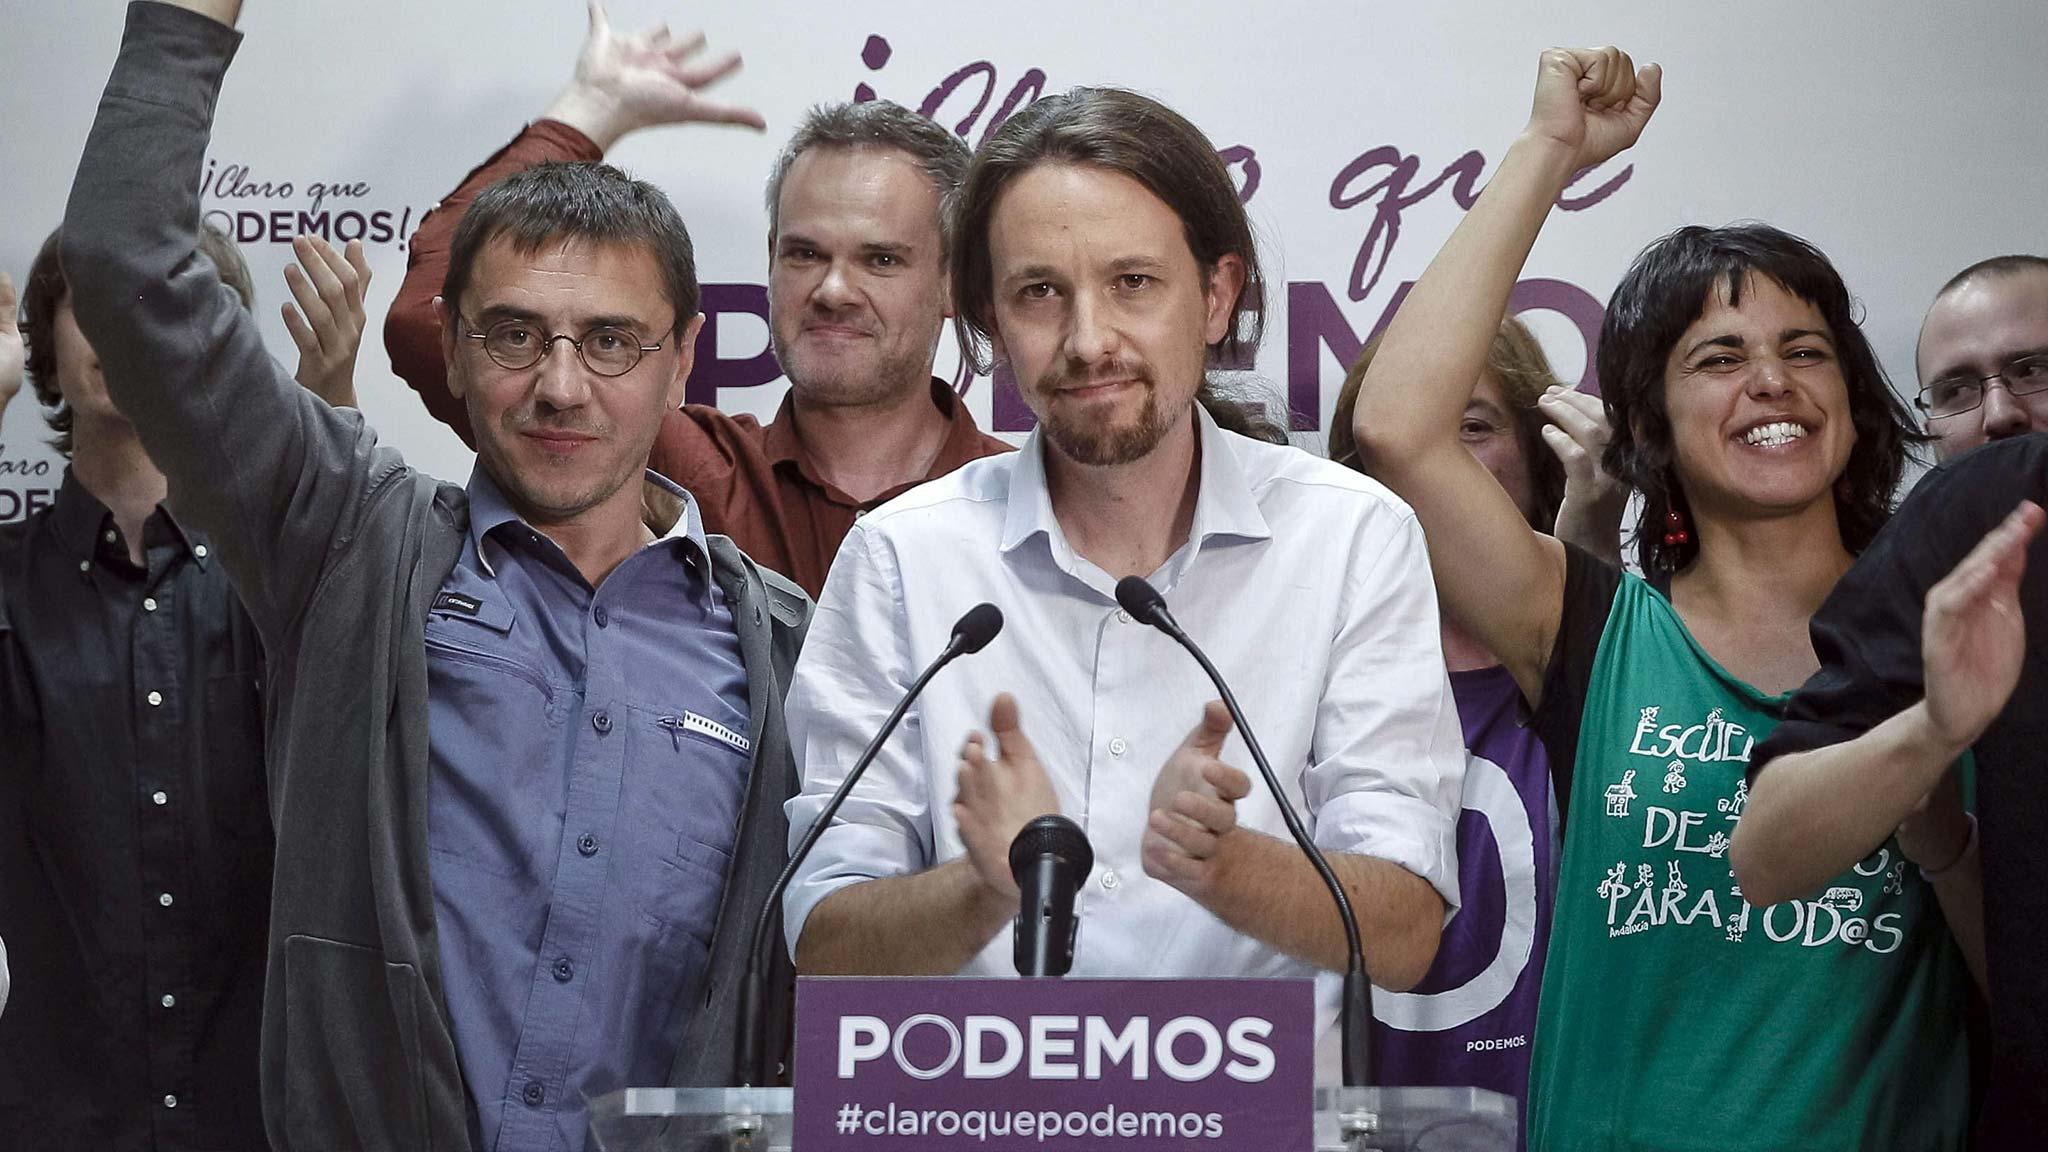 Spanien: Linksgerichtete Podemos in Wahlumfrage vorn